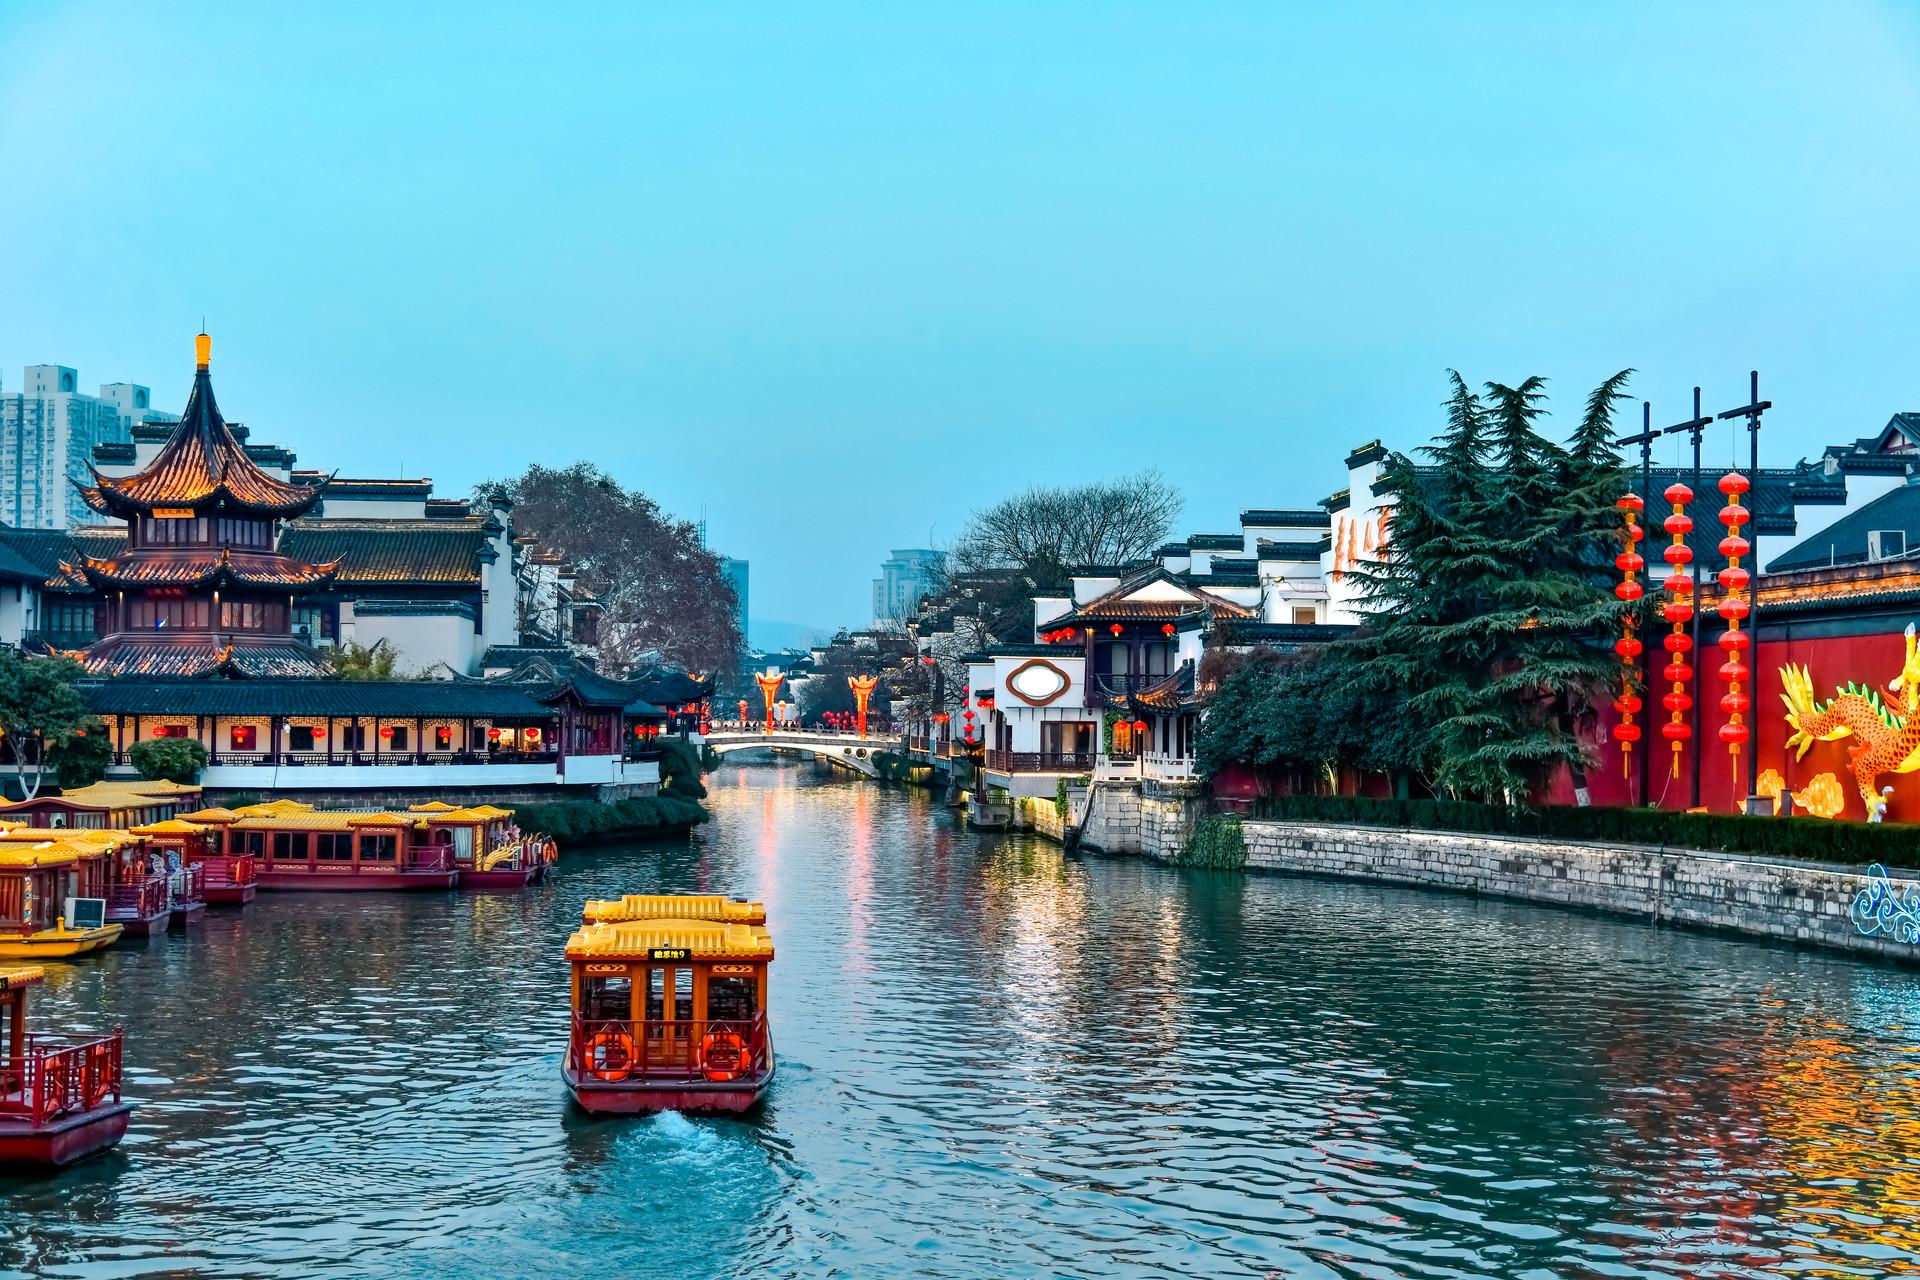 摄图网_501592766_banner_南京夫子庙秦淮河畔(企业商用).jpg